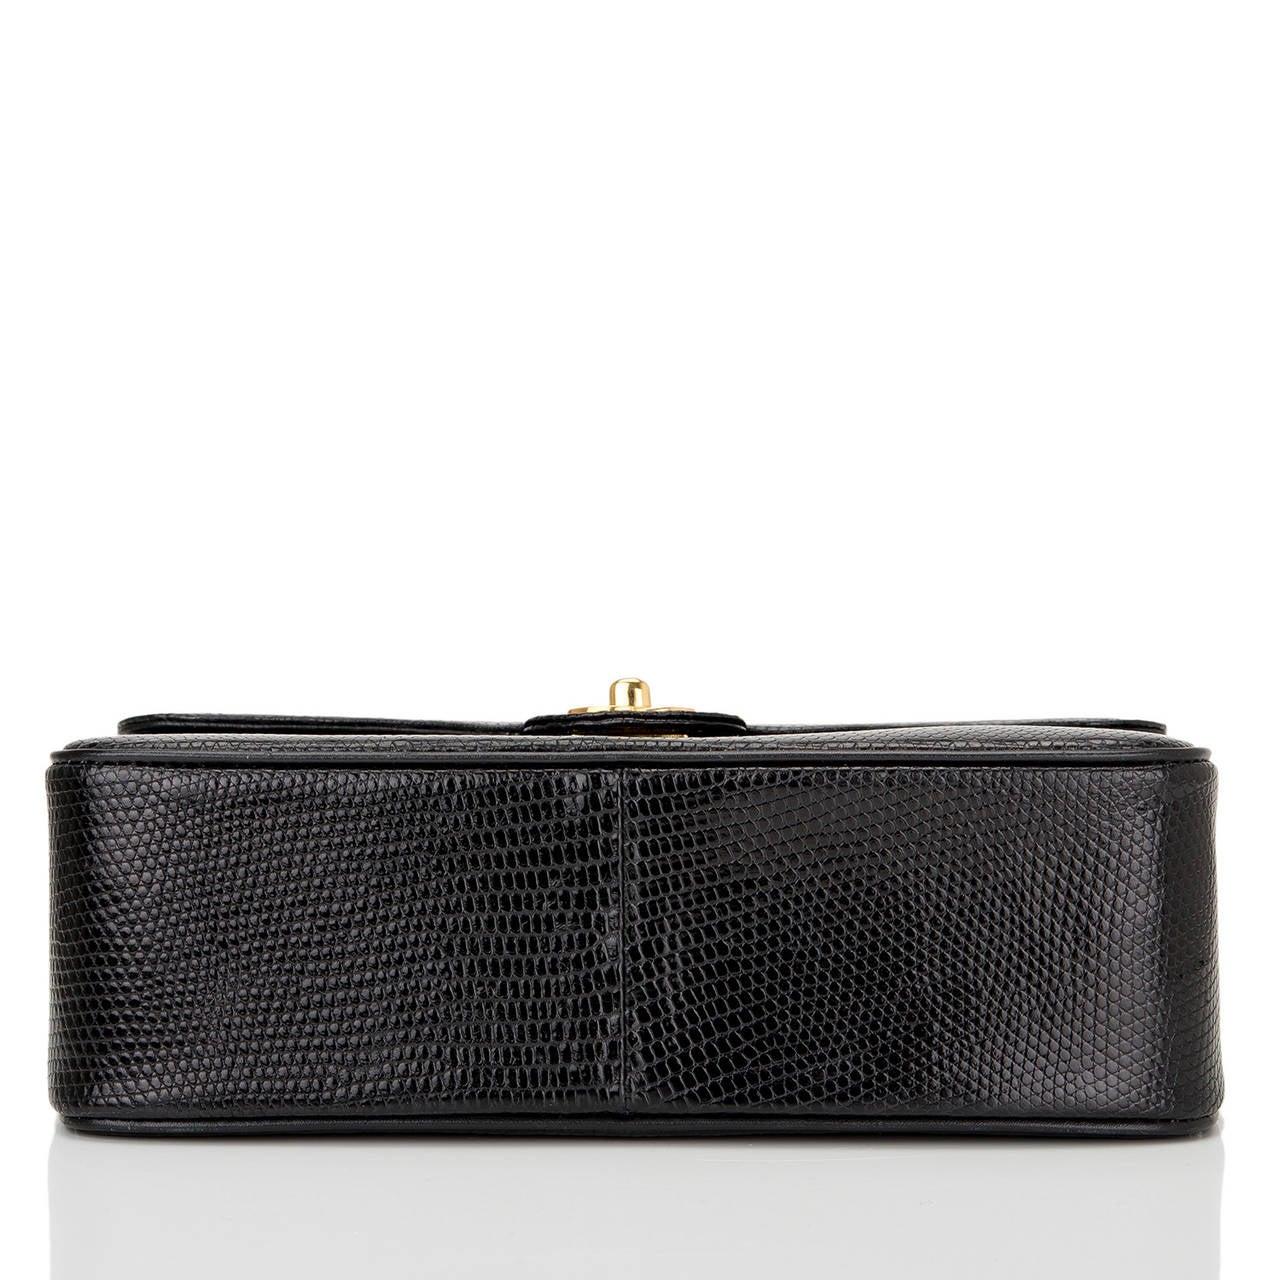 Women's Chanel Vintage Black Lizard Large Mini Flap Bag For Sale